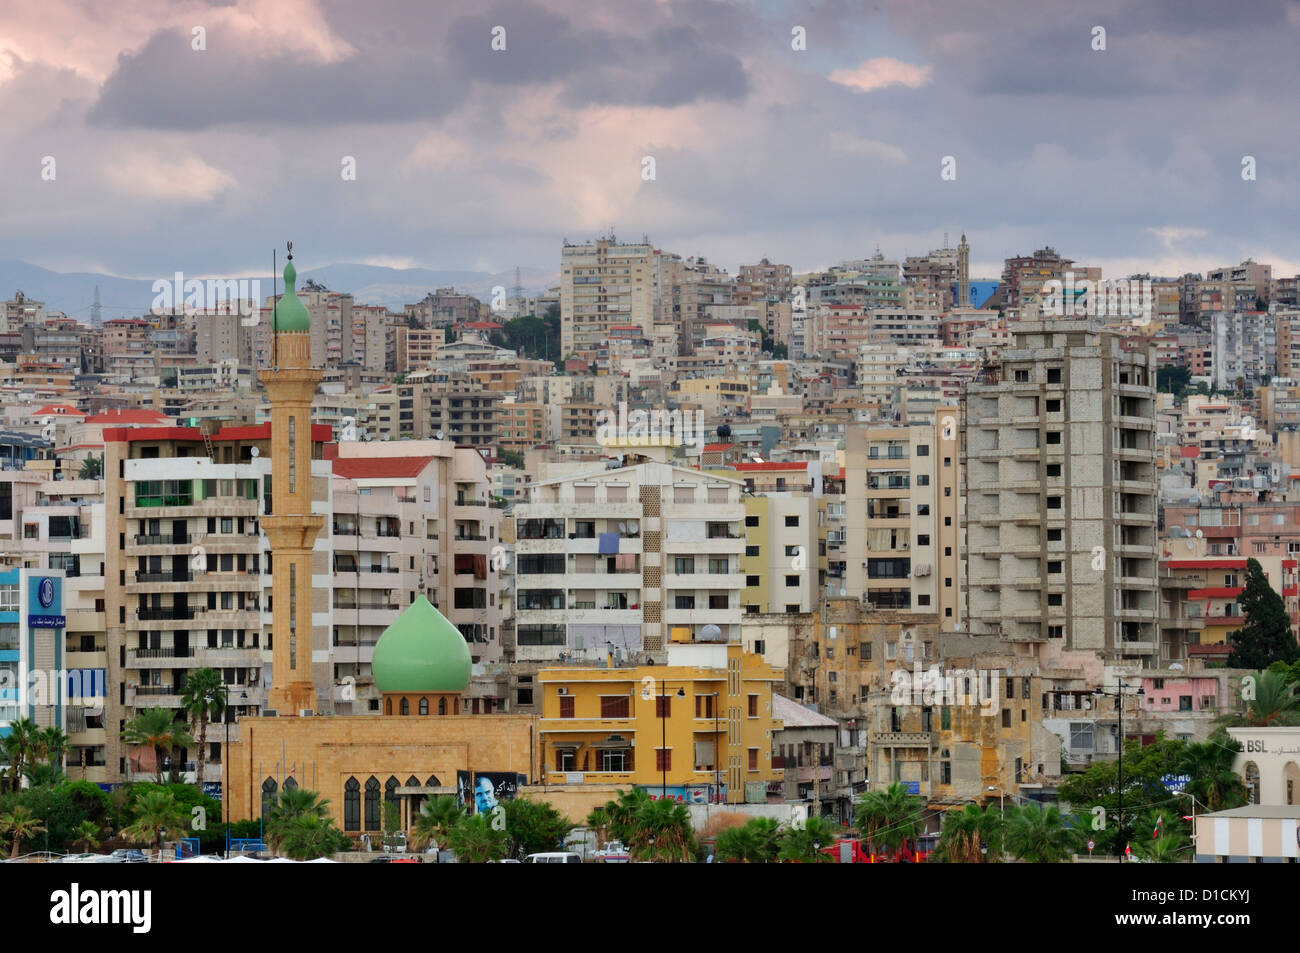 Sida, Sidon South Lebanon - Stock Image